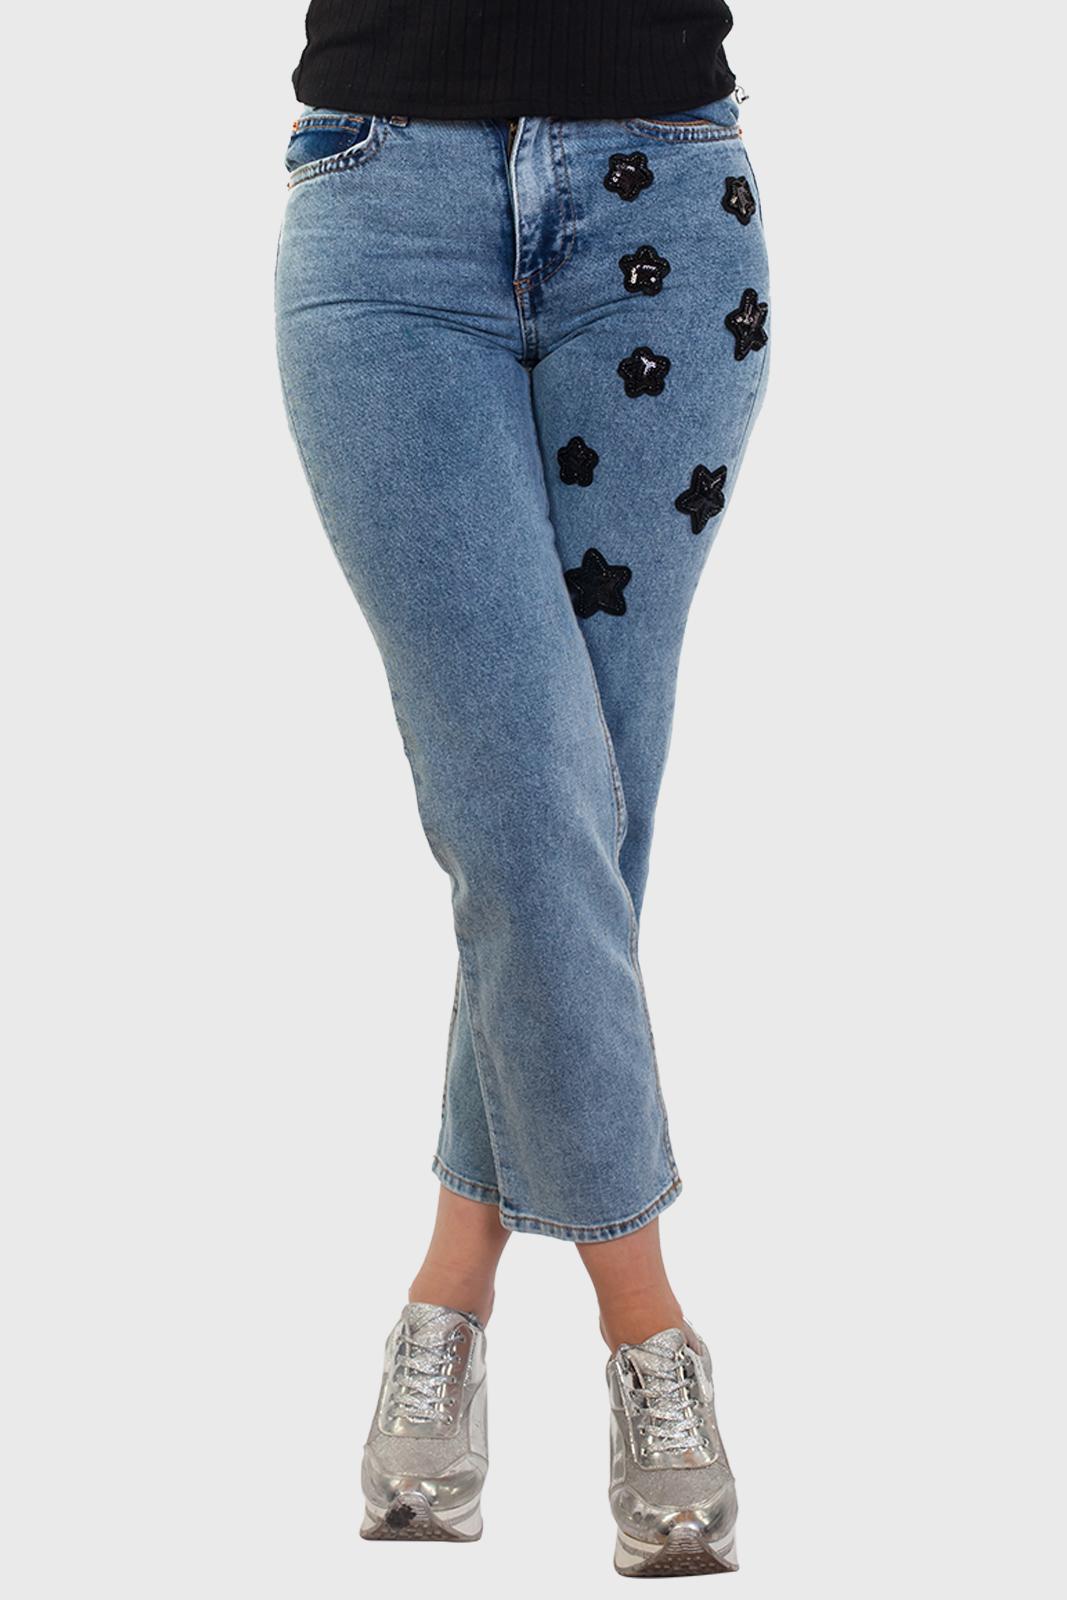 Заказать укороченные женские джинсы